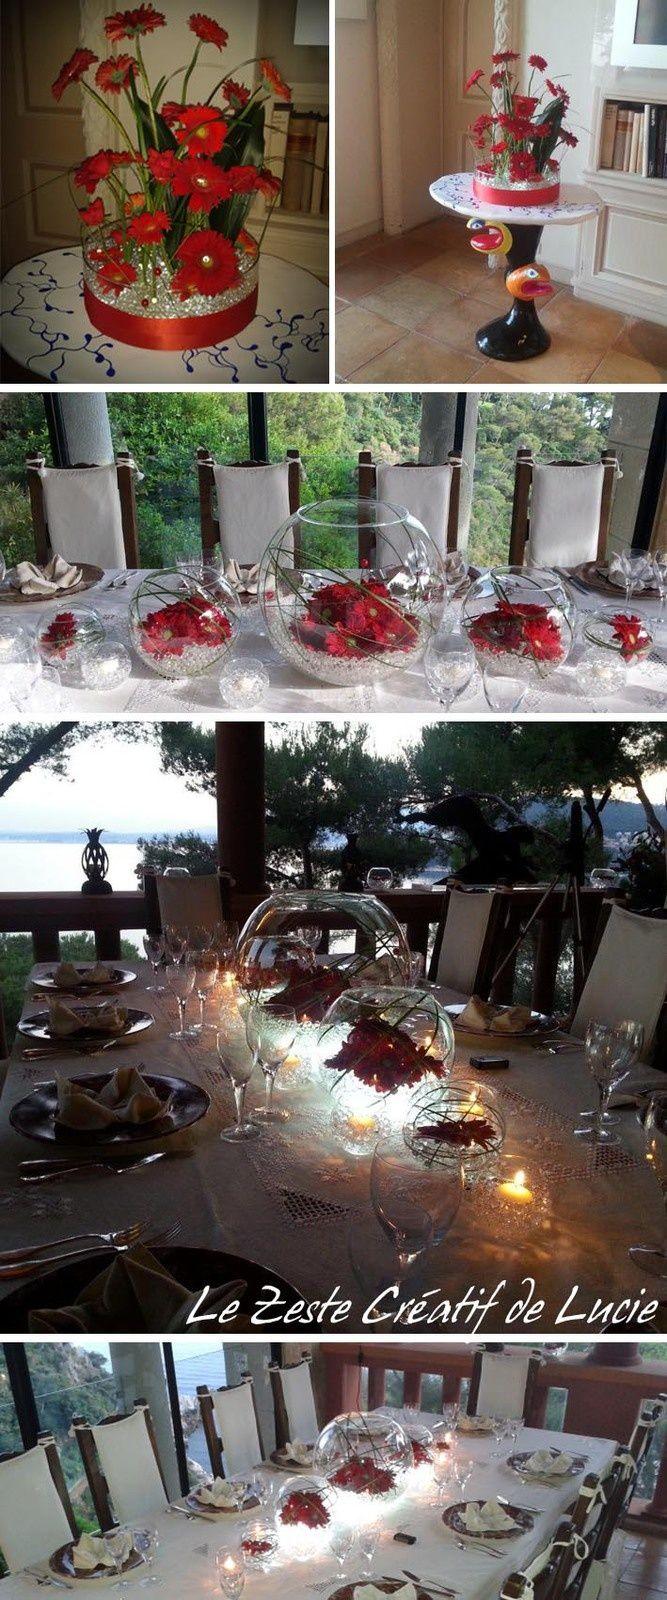 Décoration florale rouge et blanc (gerbera, billes de gel, led blanche et vase boule)